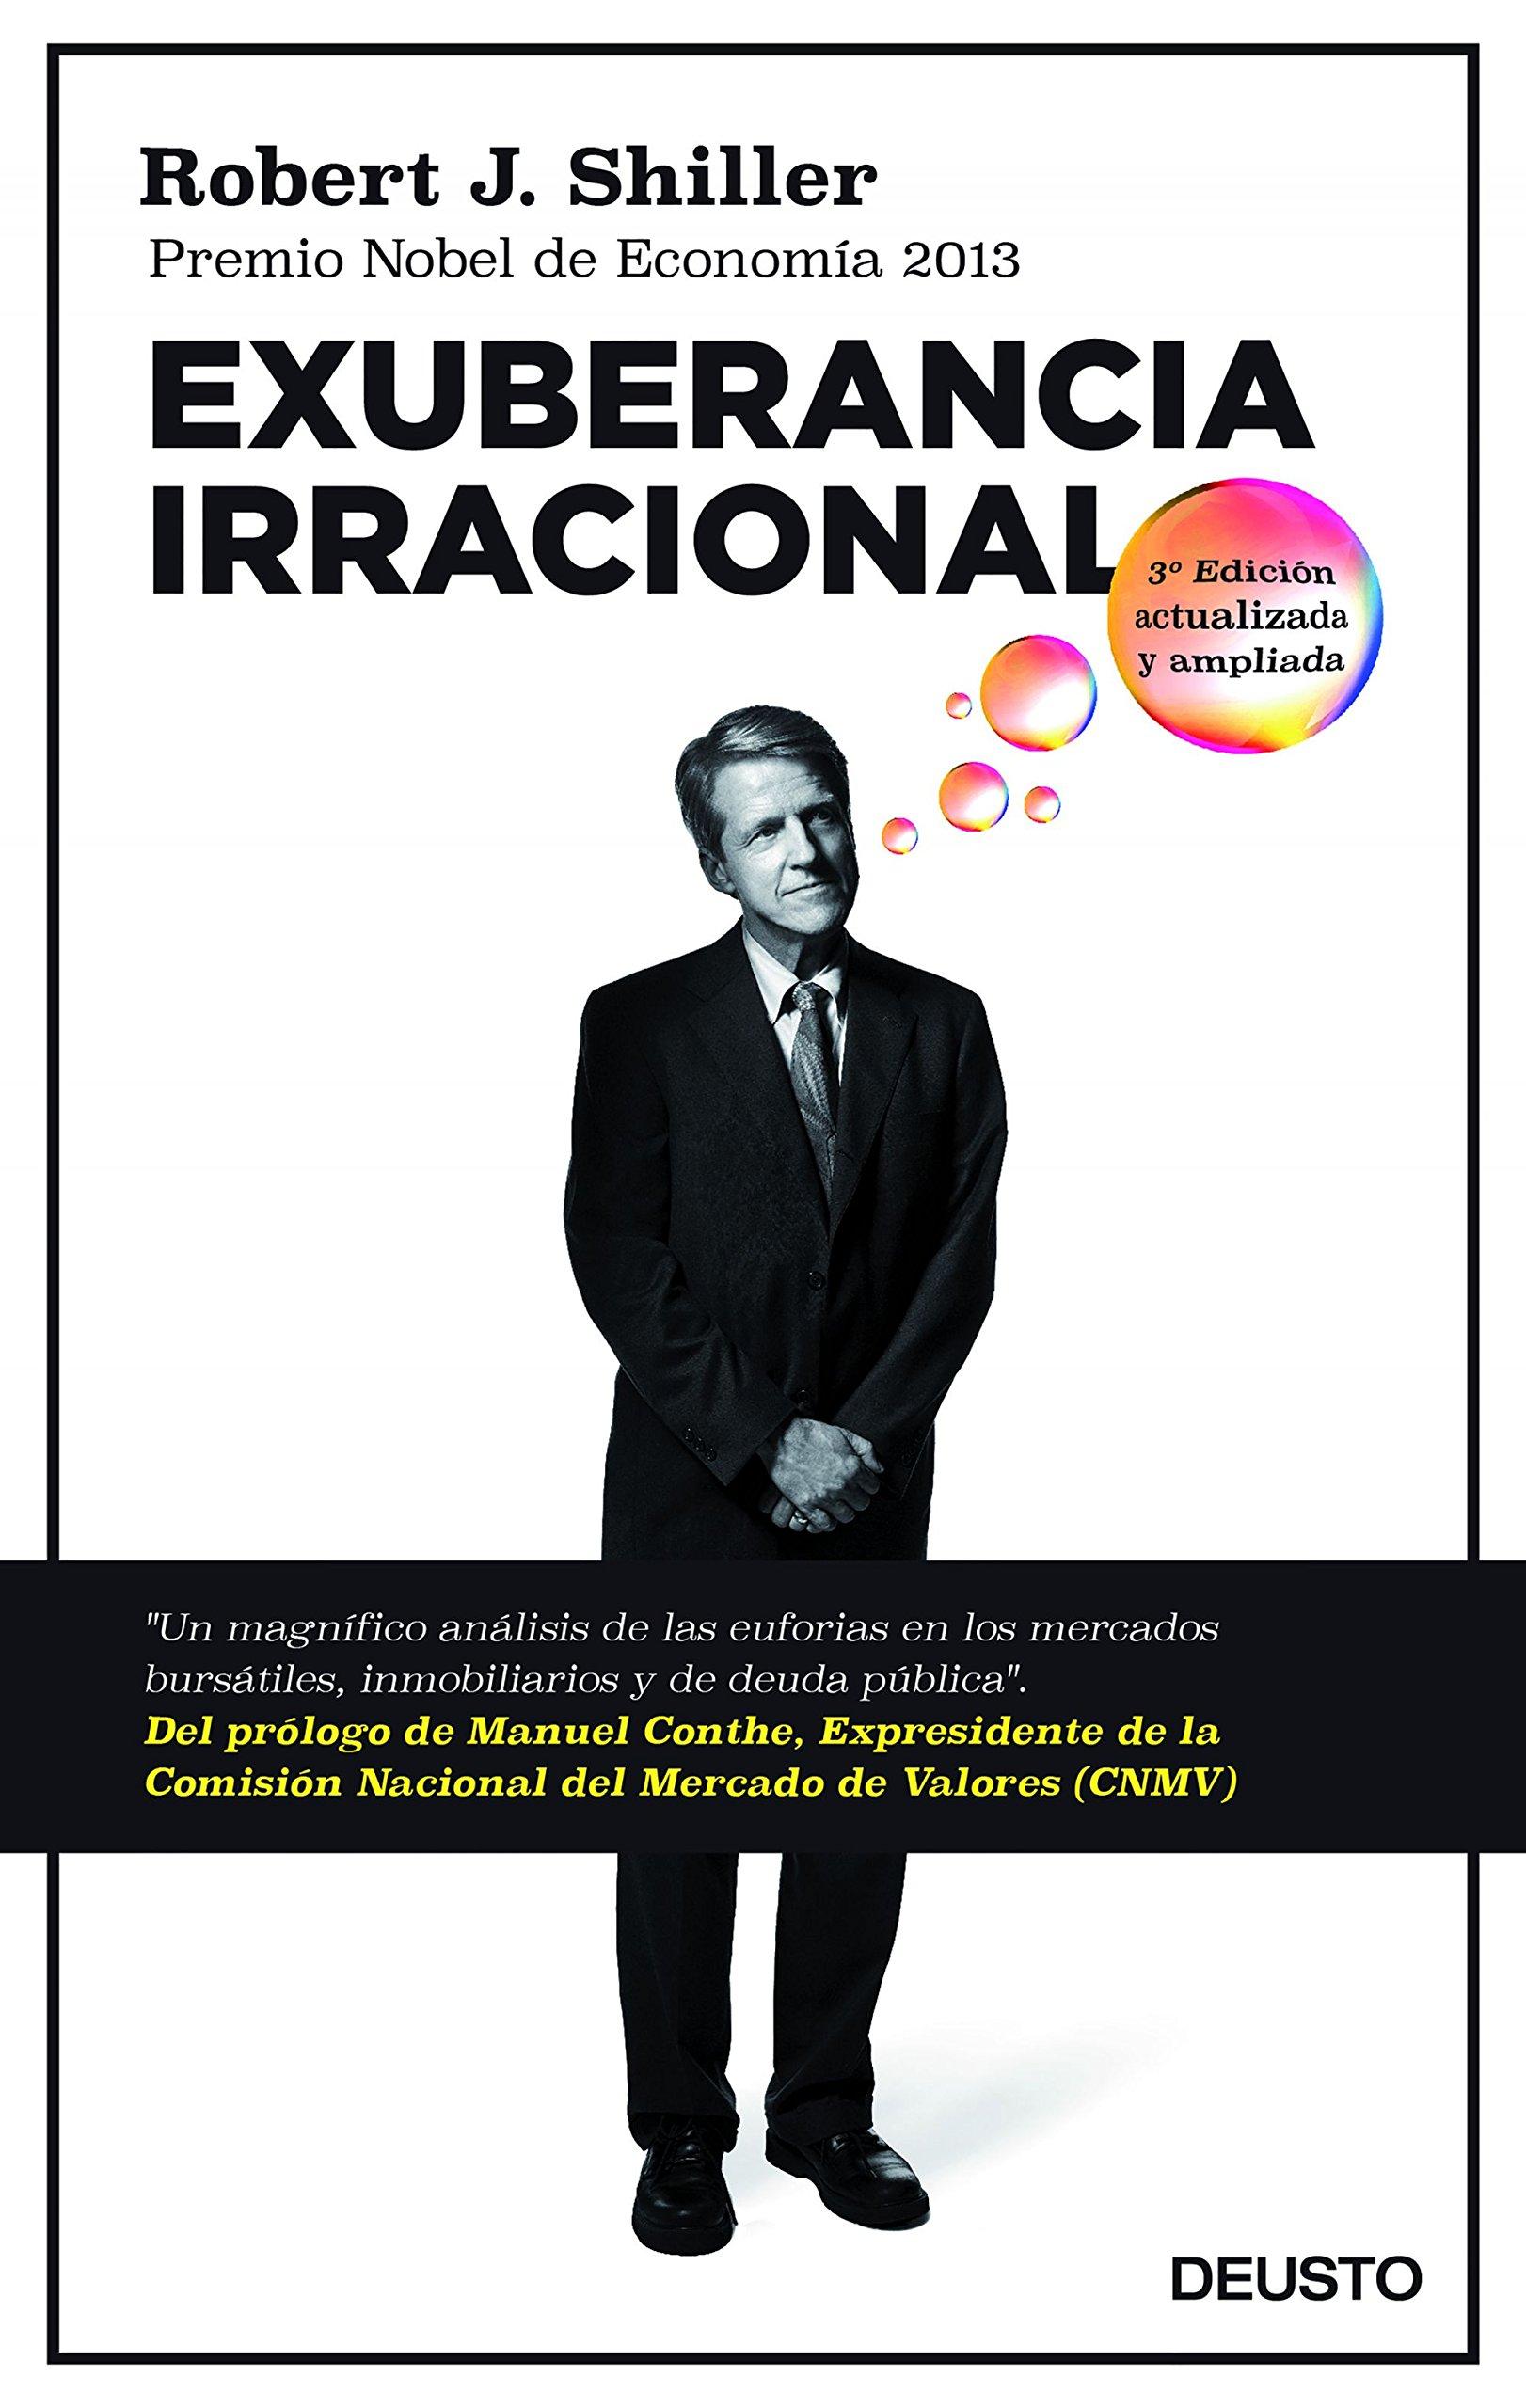 Exuberancia Irracional (Robert J. Shiller)